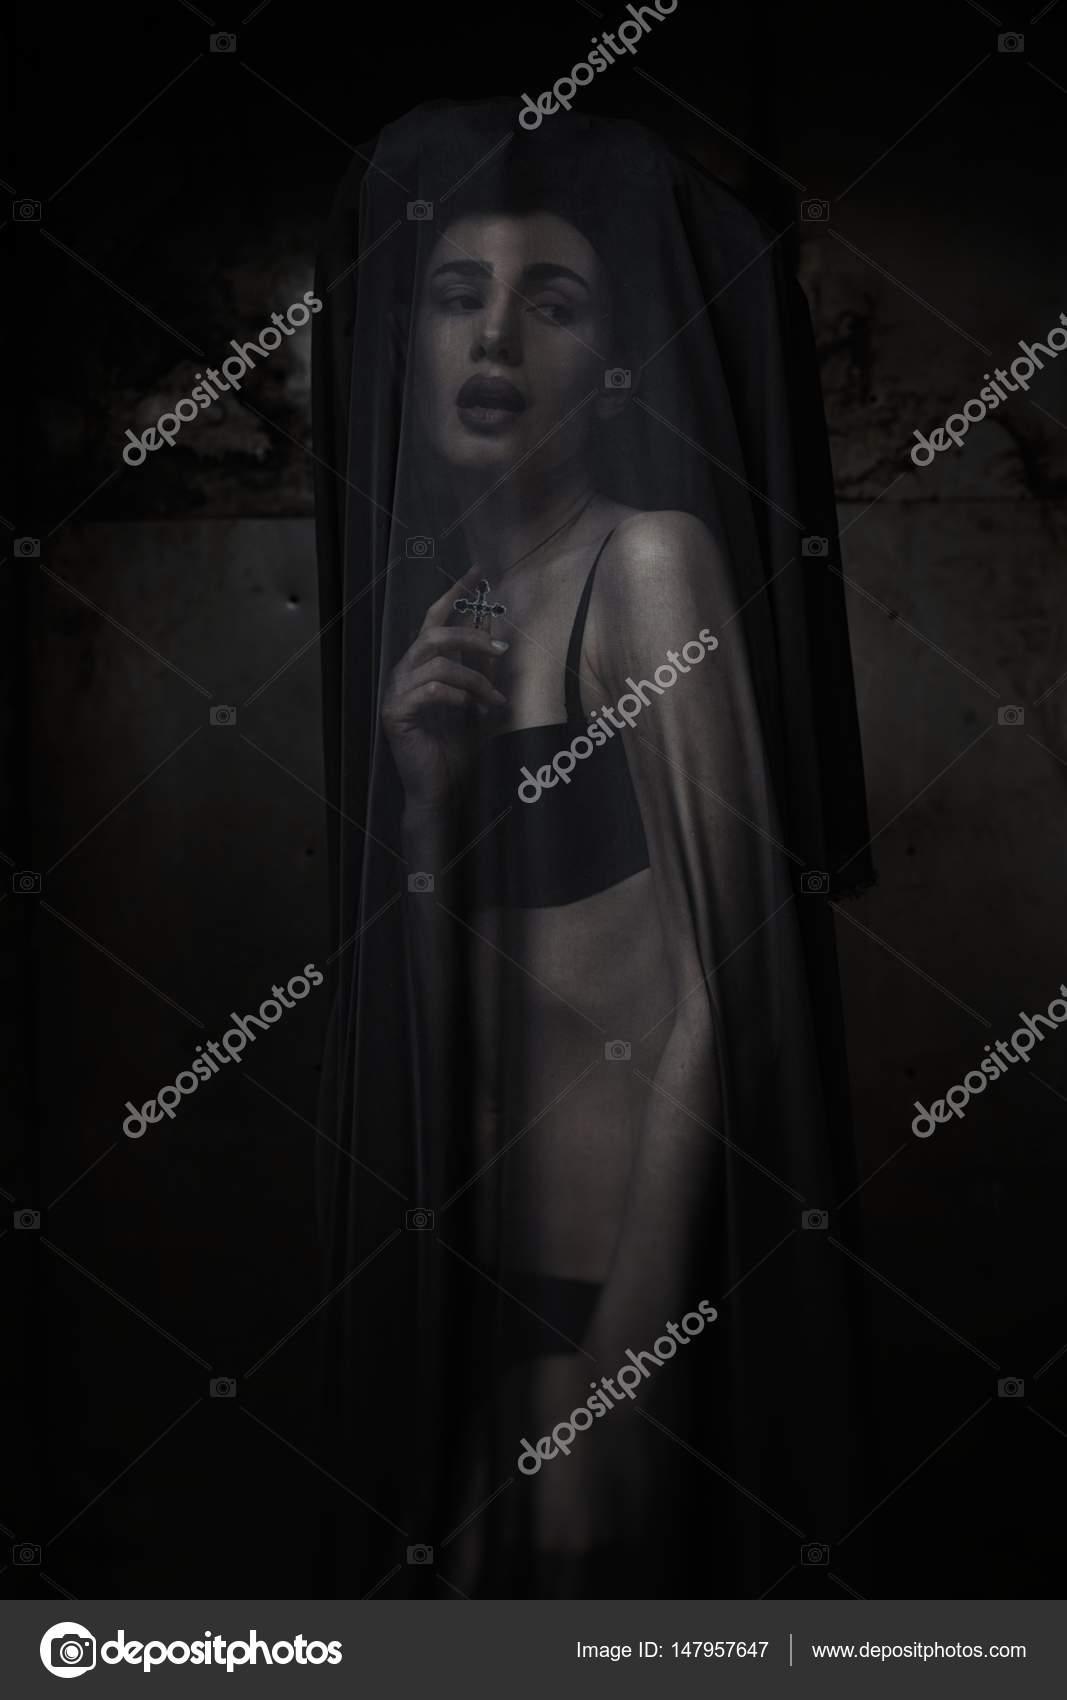 Frau verschleiert durch hauchdünne schwarze Stoff — Stockfoto ...